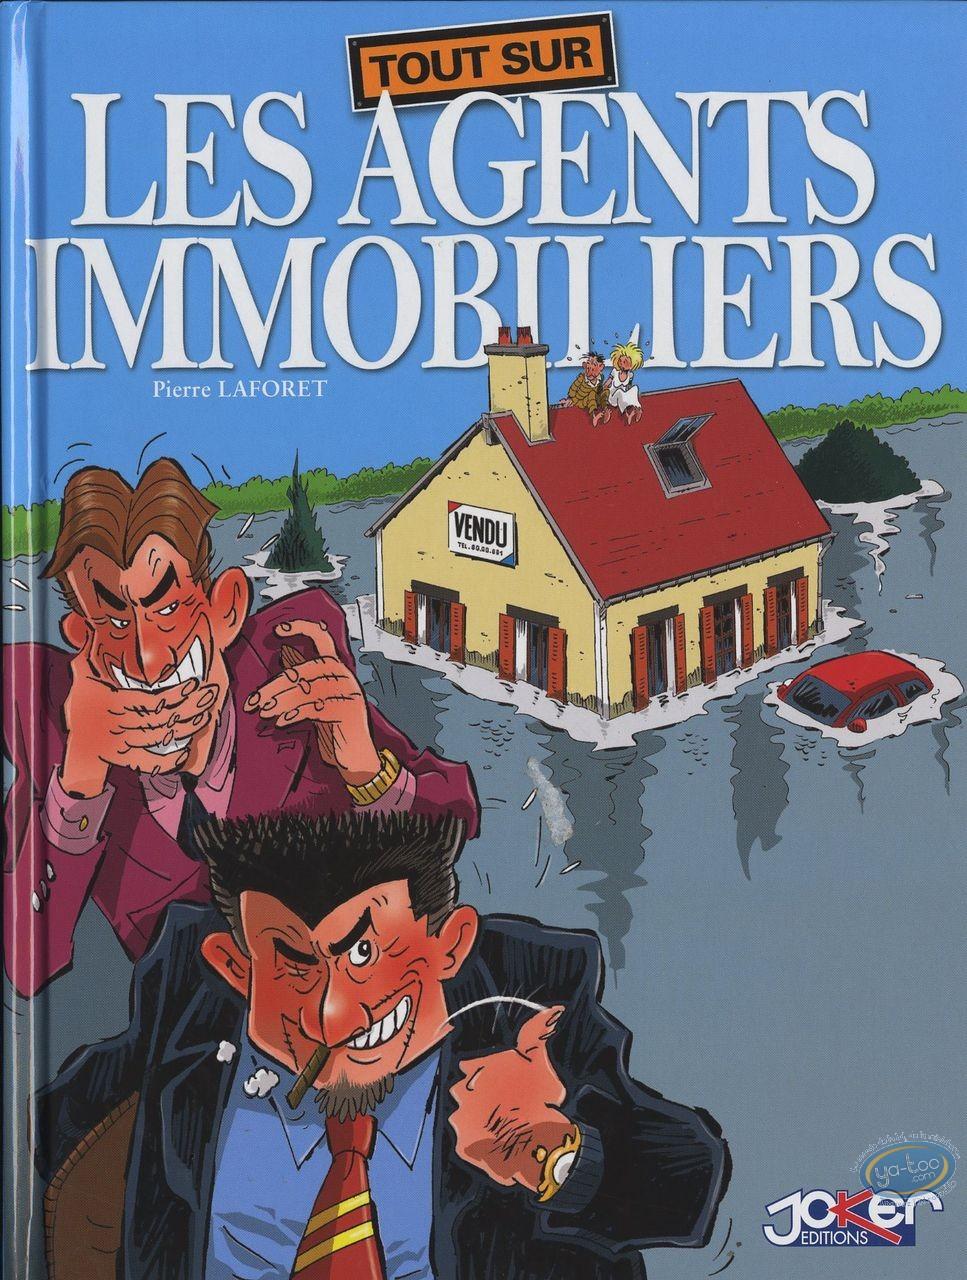 European Comic Books, Tout sur … : Tout sur ... Les agents immobiliers